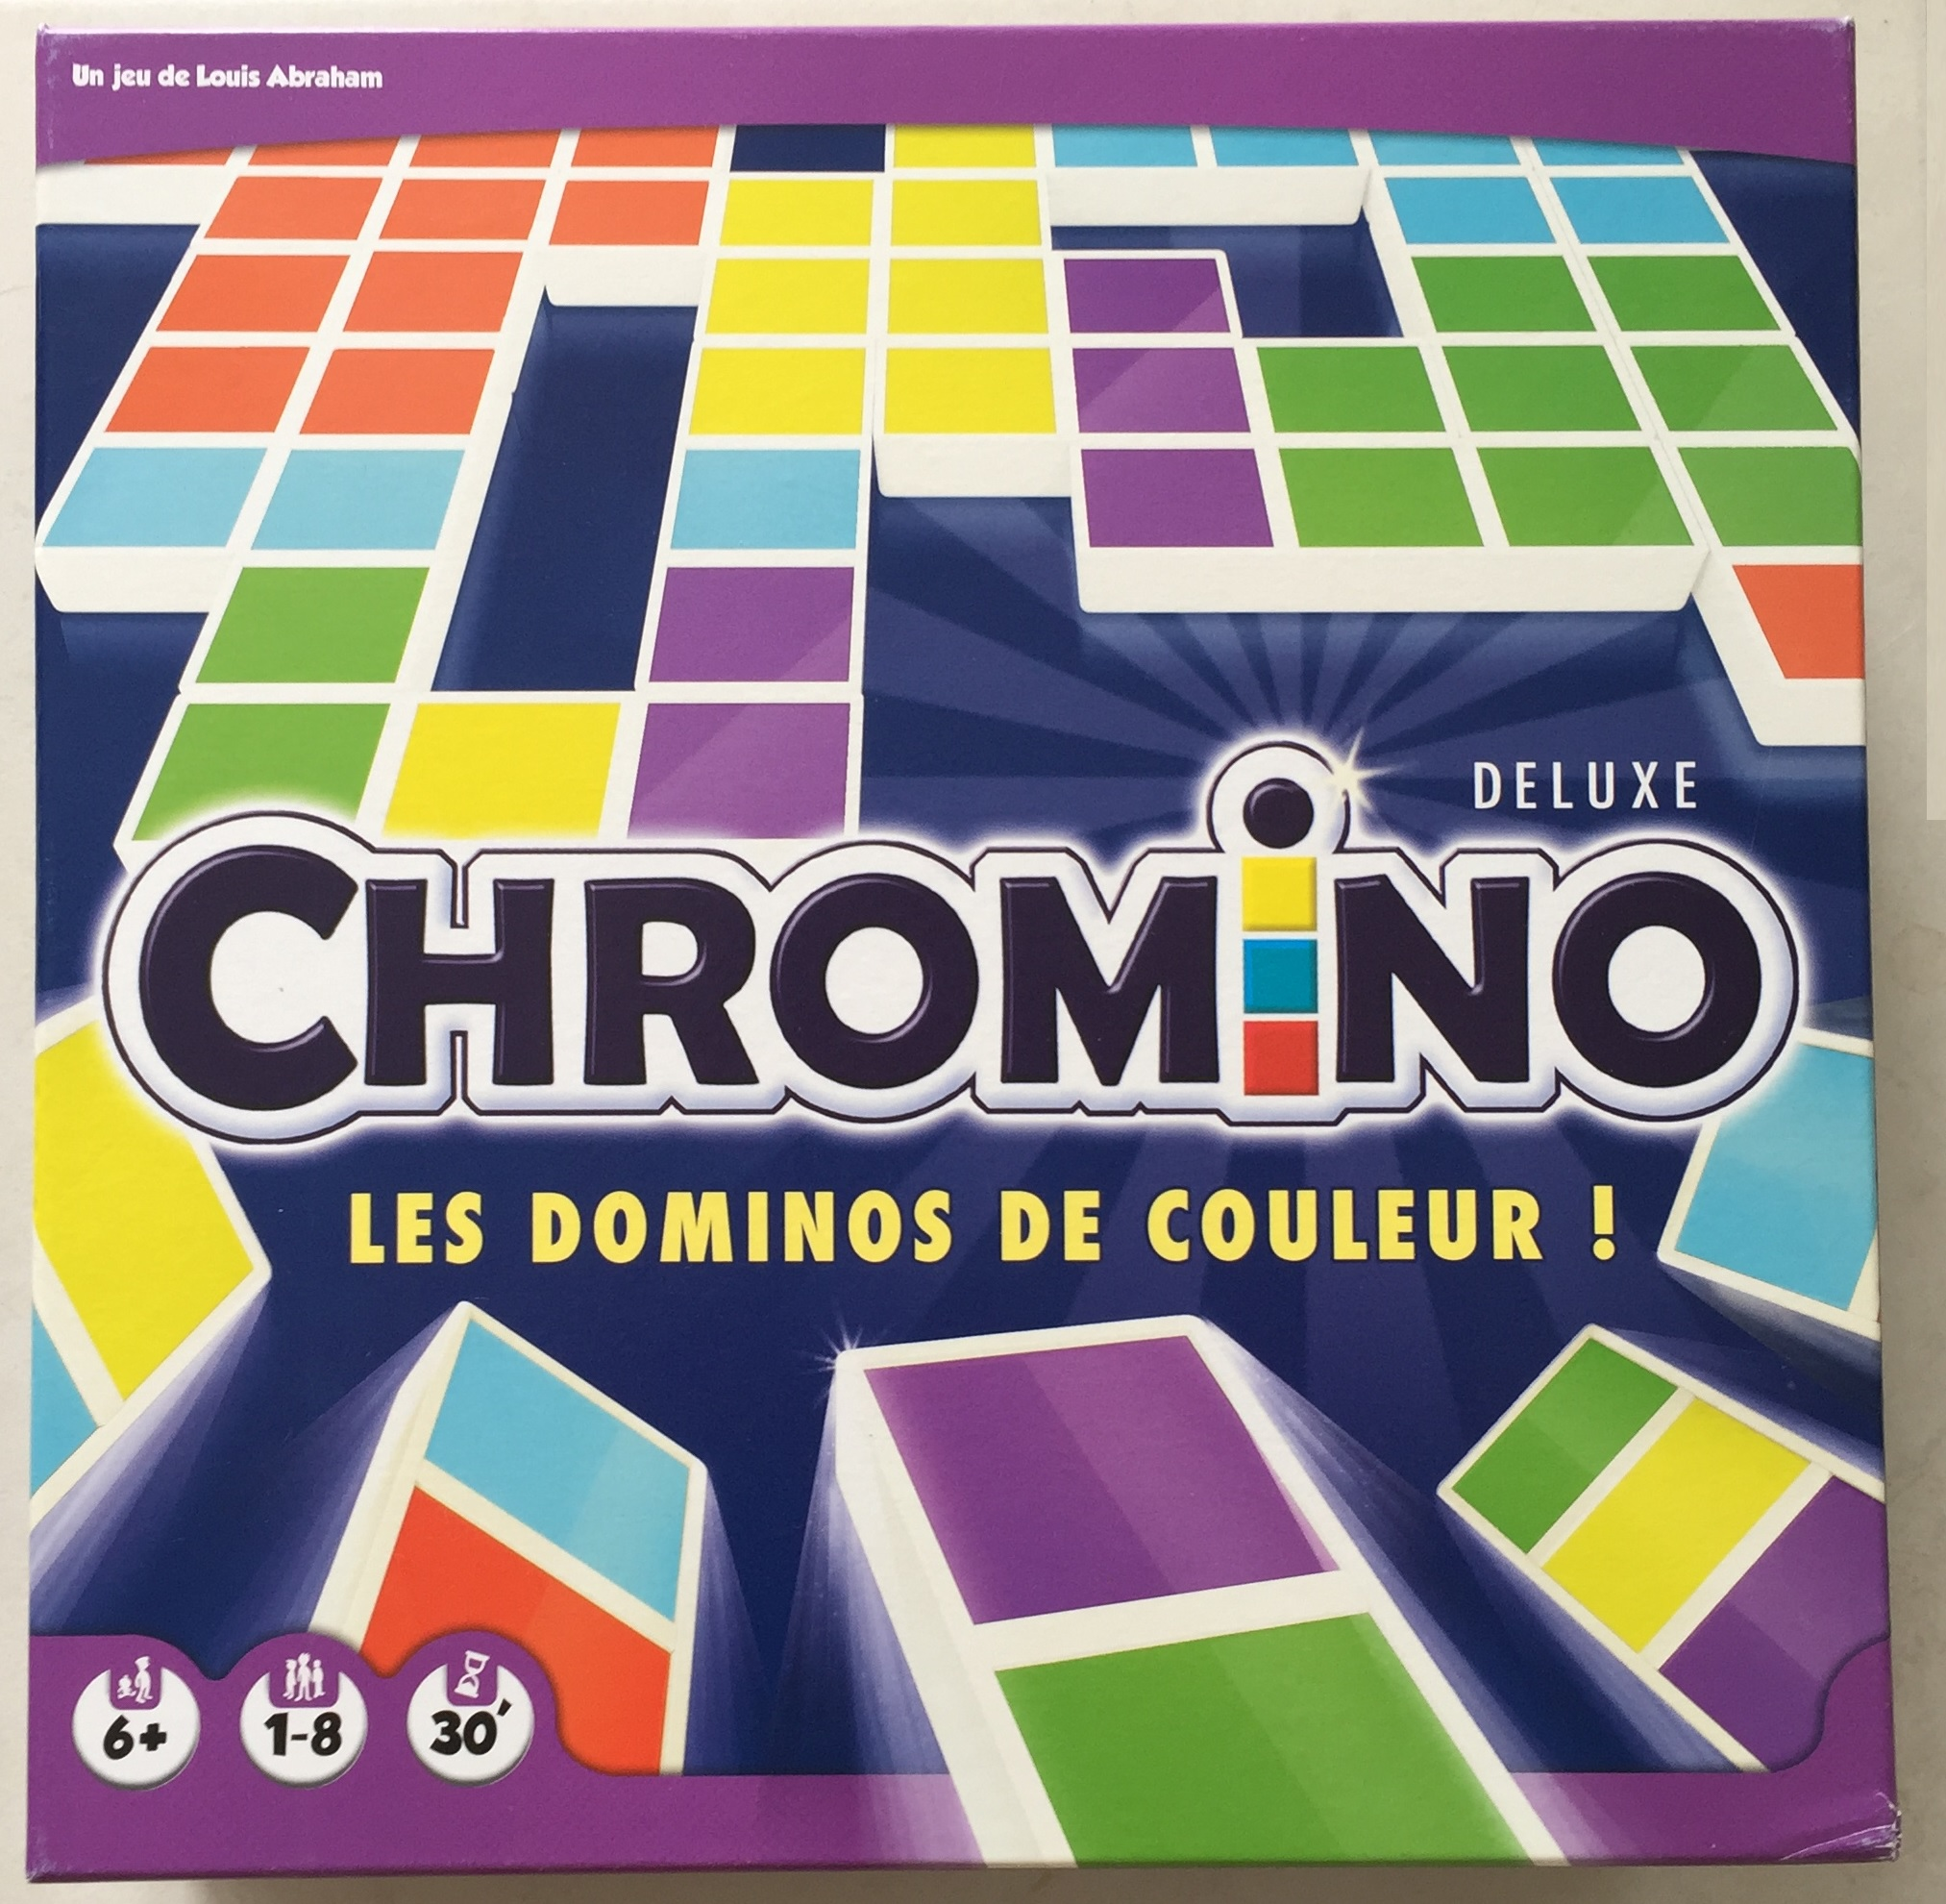 CHROMINO DELUXE LES DOMINOS DE COULEUR